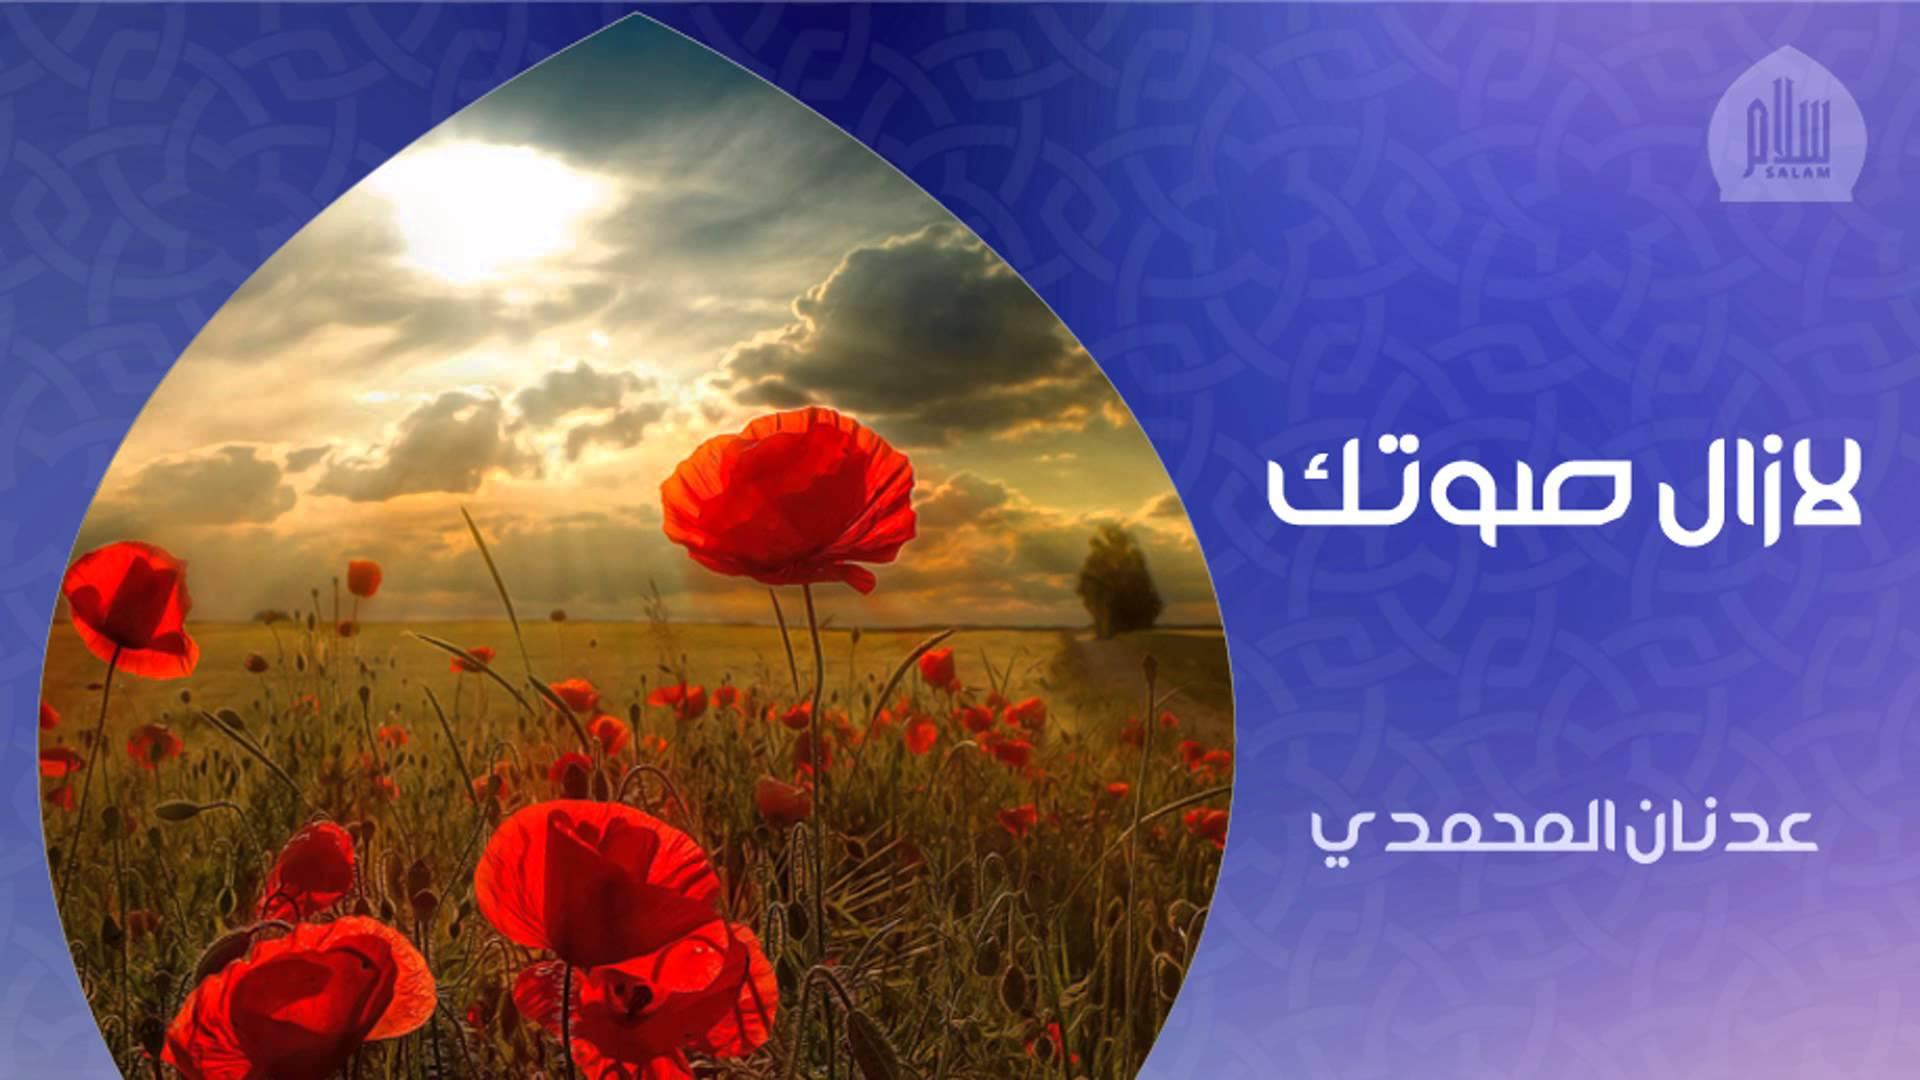 صور اناشيد عدنان المحمدي مكتوبة